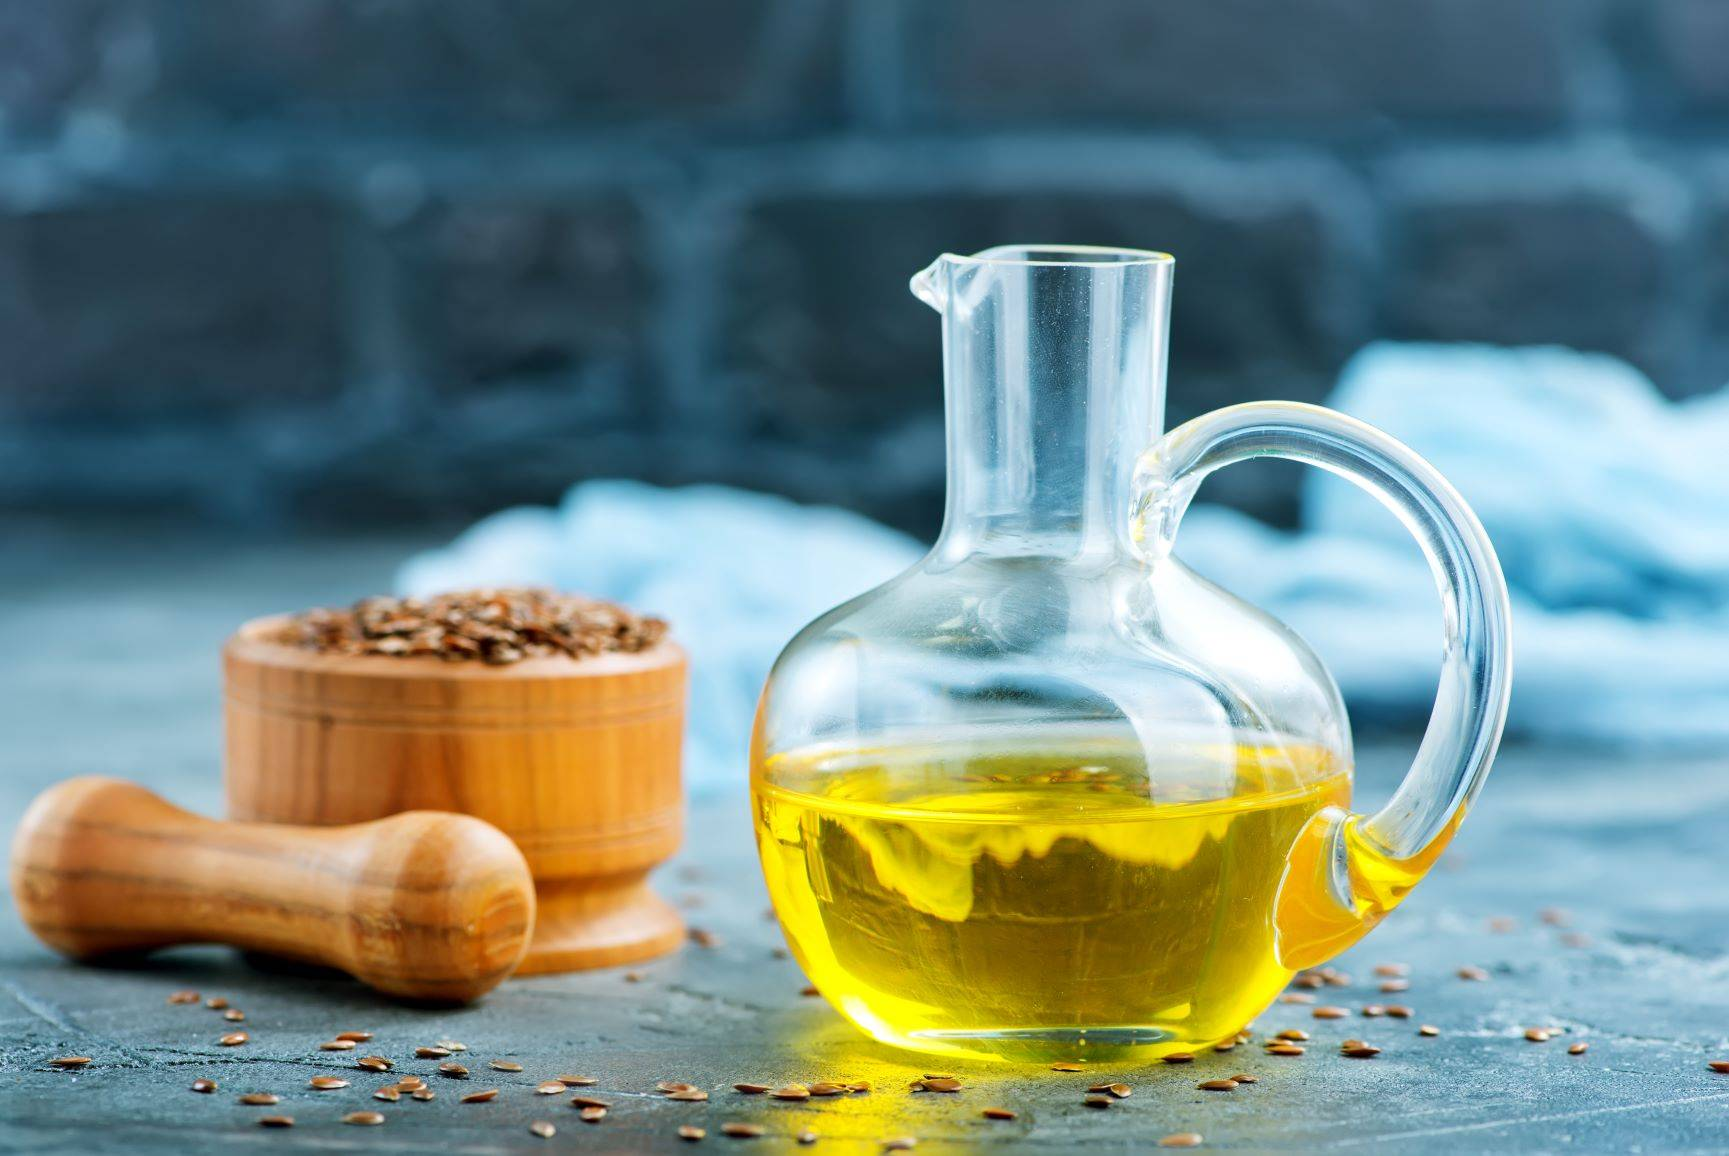 Kwasy omega-3 dla wegan - w oleju lnianym.